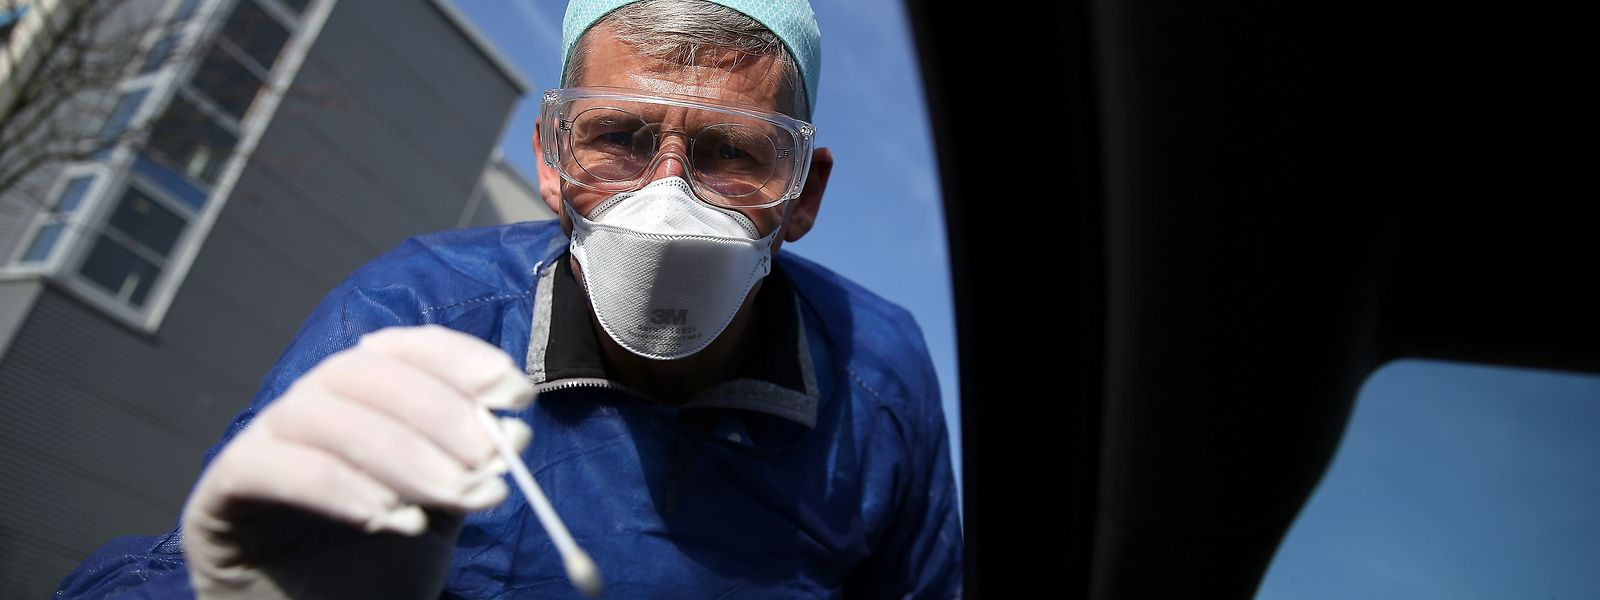 Der Arzt Michael Grosse nimmt bei einer Drive-Through-Teststation in Halle Speichelproben von Autofahrern für Corona-Tests.